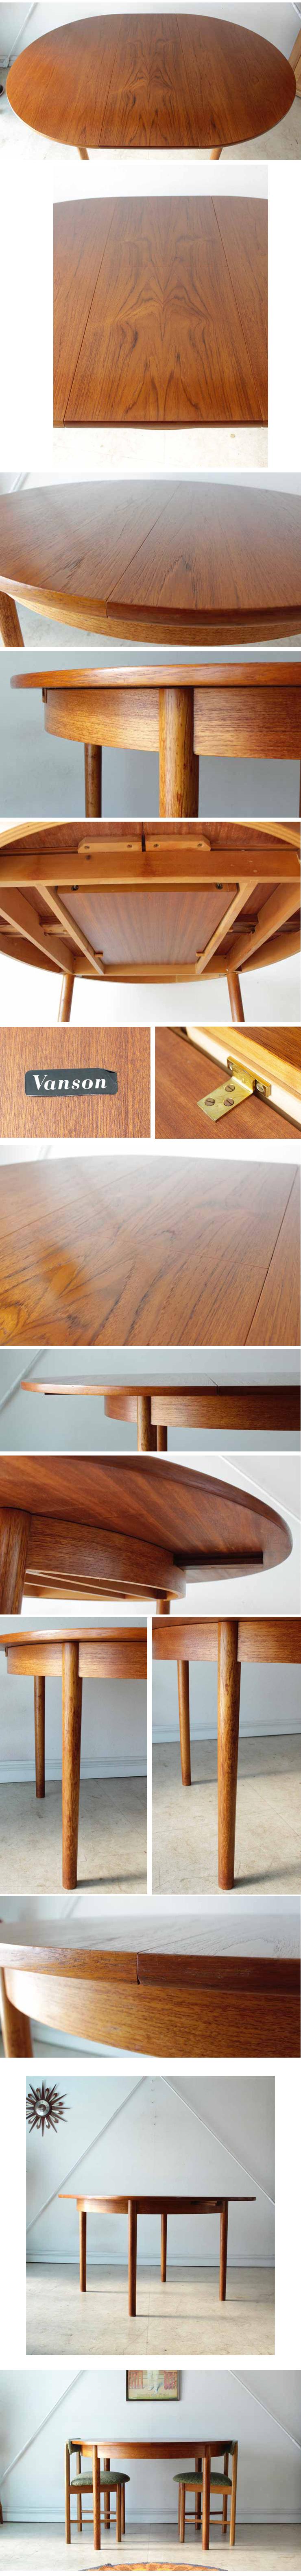 イギリスVanson製・エクステンションダイニングテーブル【円卓ラウンド】英国ビンテージ輸入家具・北欧アンティーク